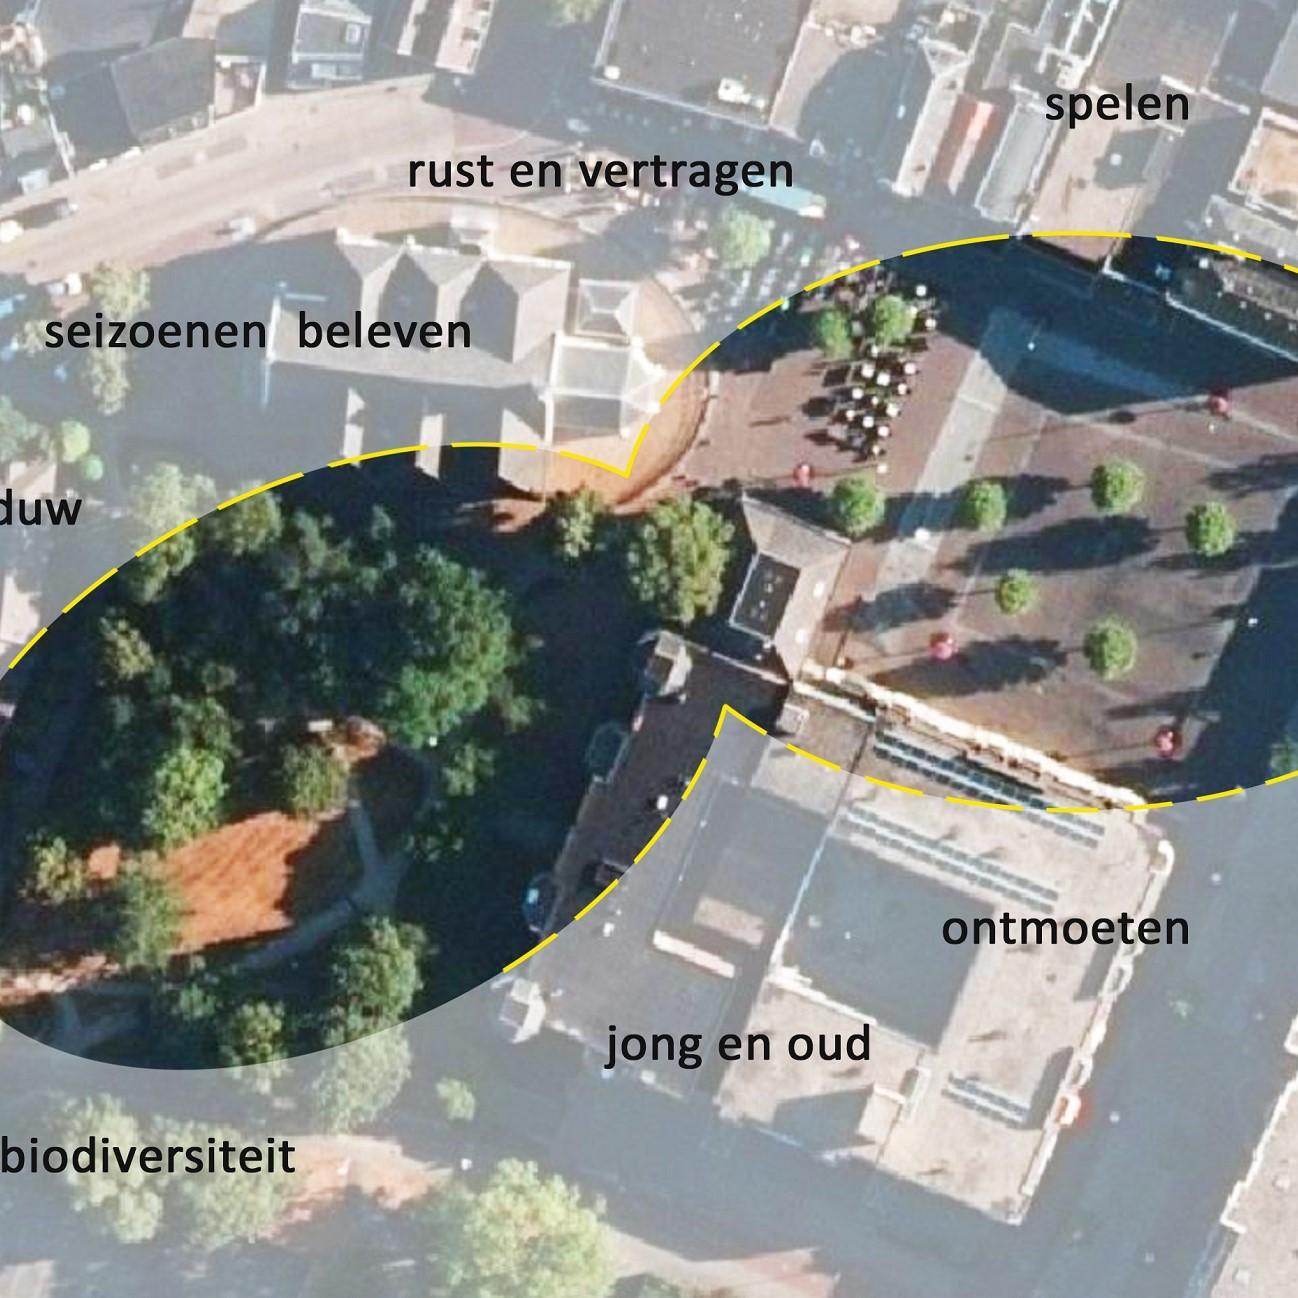 Gemeente-Veenendaal-Kansenkaart - Project_Veenendaal_kansenkaart_Markt_001_vierkant.jpg